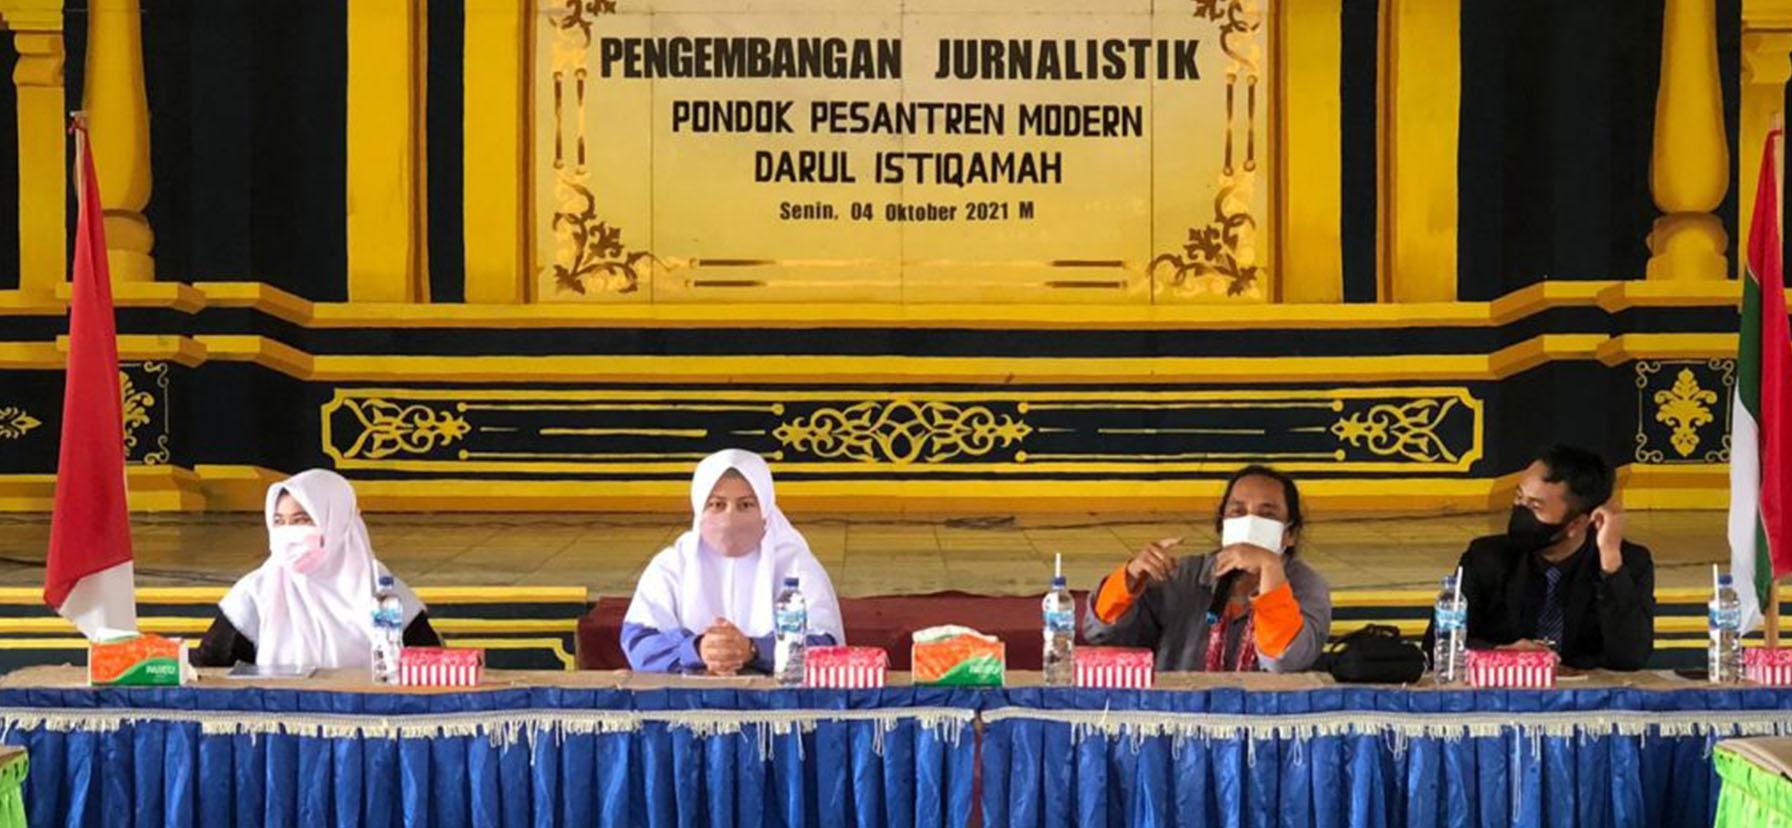 Kuatkan Literasi, Darul Istiqamah Gelar Pelatihan Pengembangan Jurnalistik